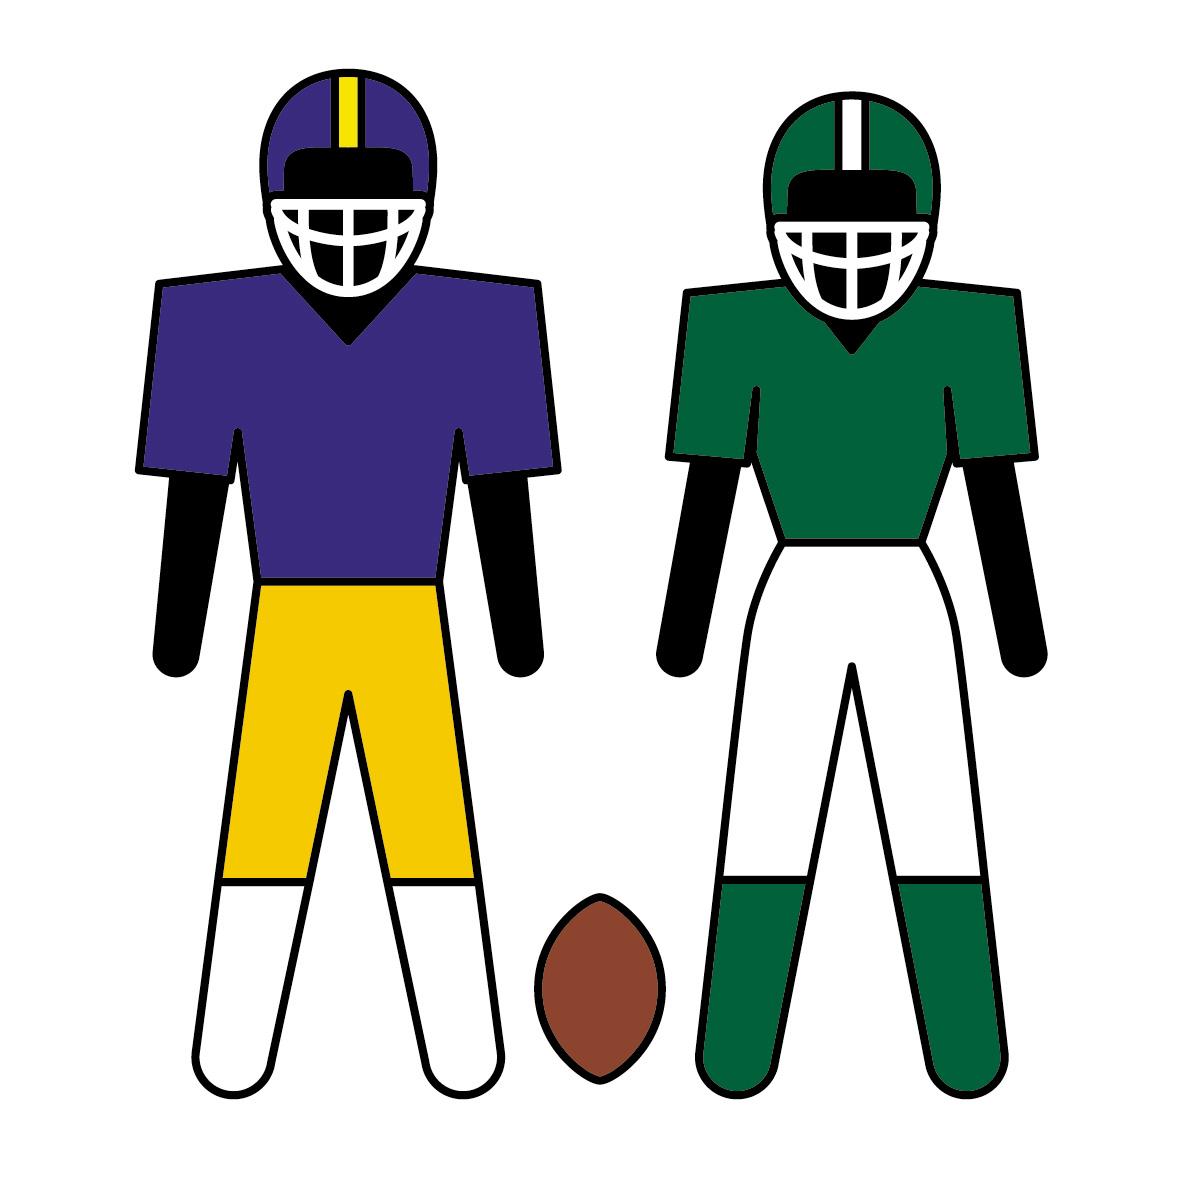 Football Clip Art - Cliparts.co (1200 x 1200 Pixel)